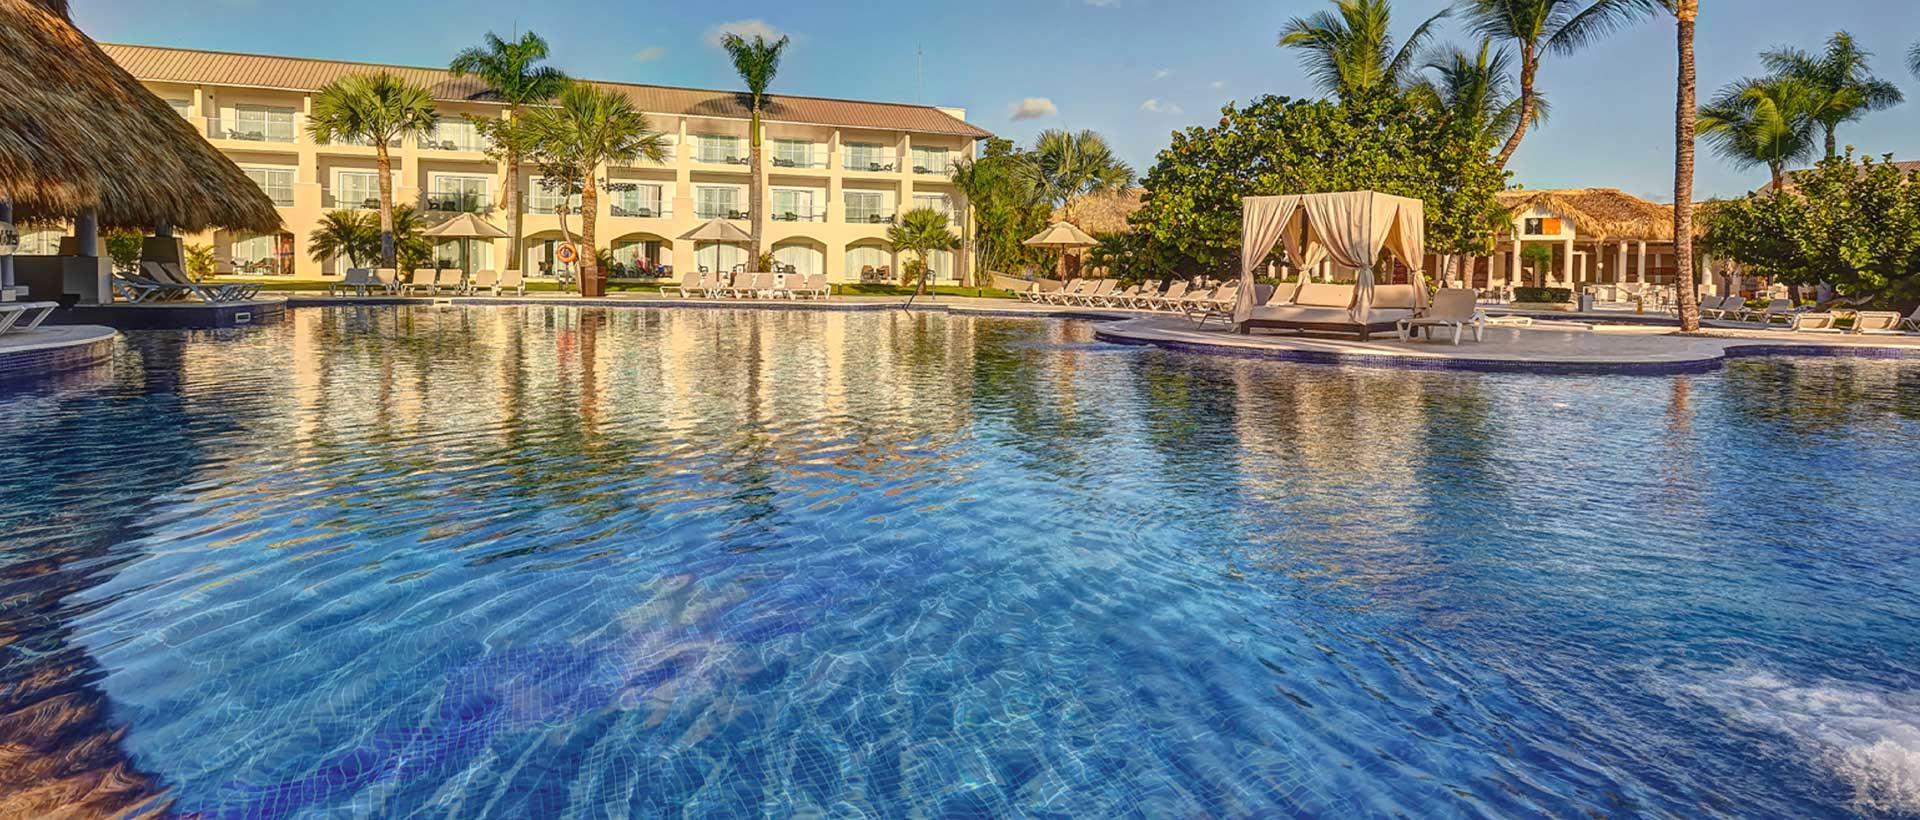 Royalton Splash - Marriott All-Inclusive Resort